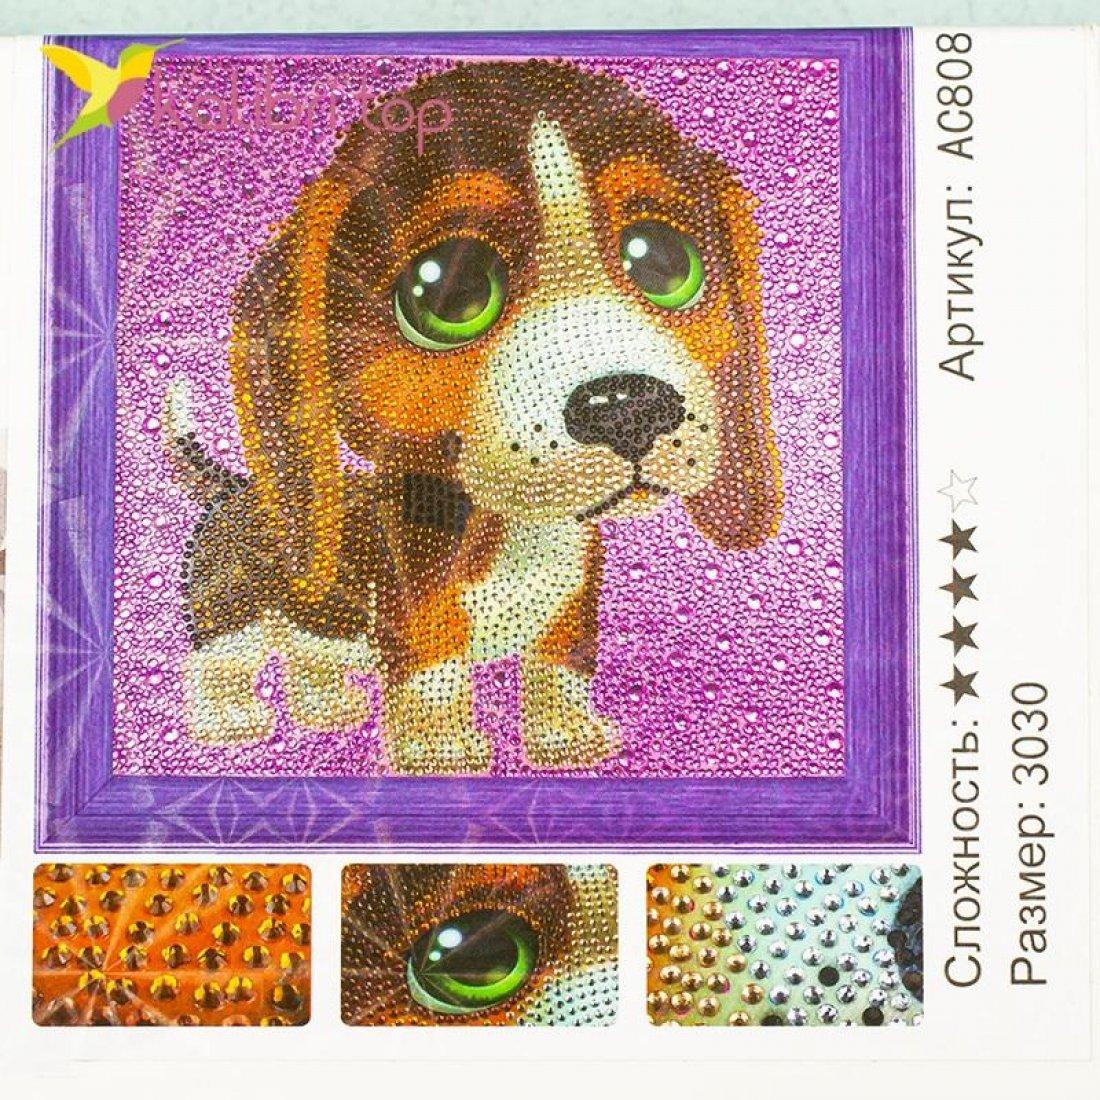 Алмазная мозаика по номерам Собачка и глаза 30*30 см оптом фото 3644